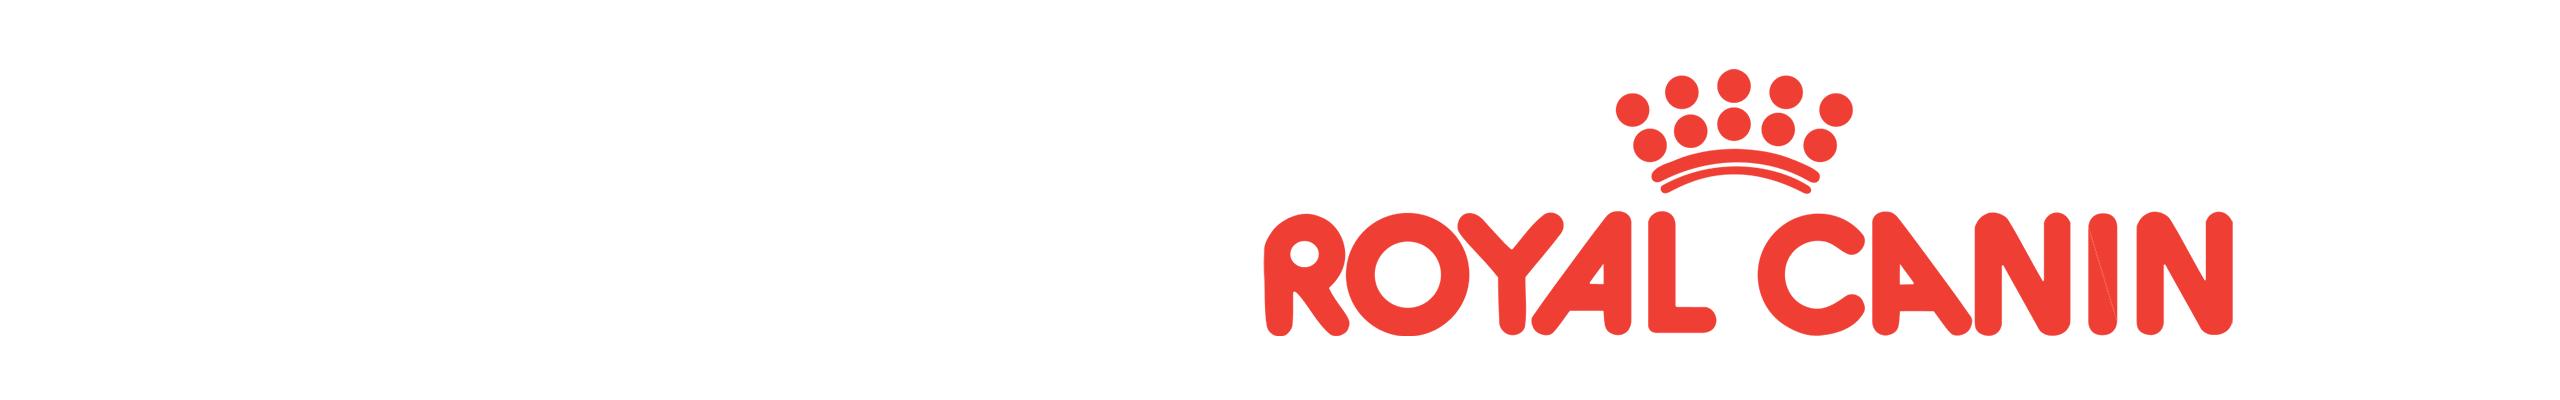 Bannière royal canin